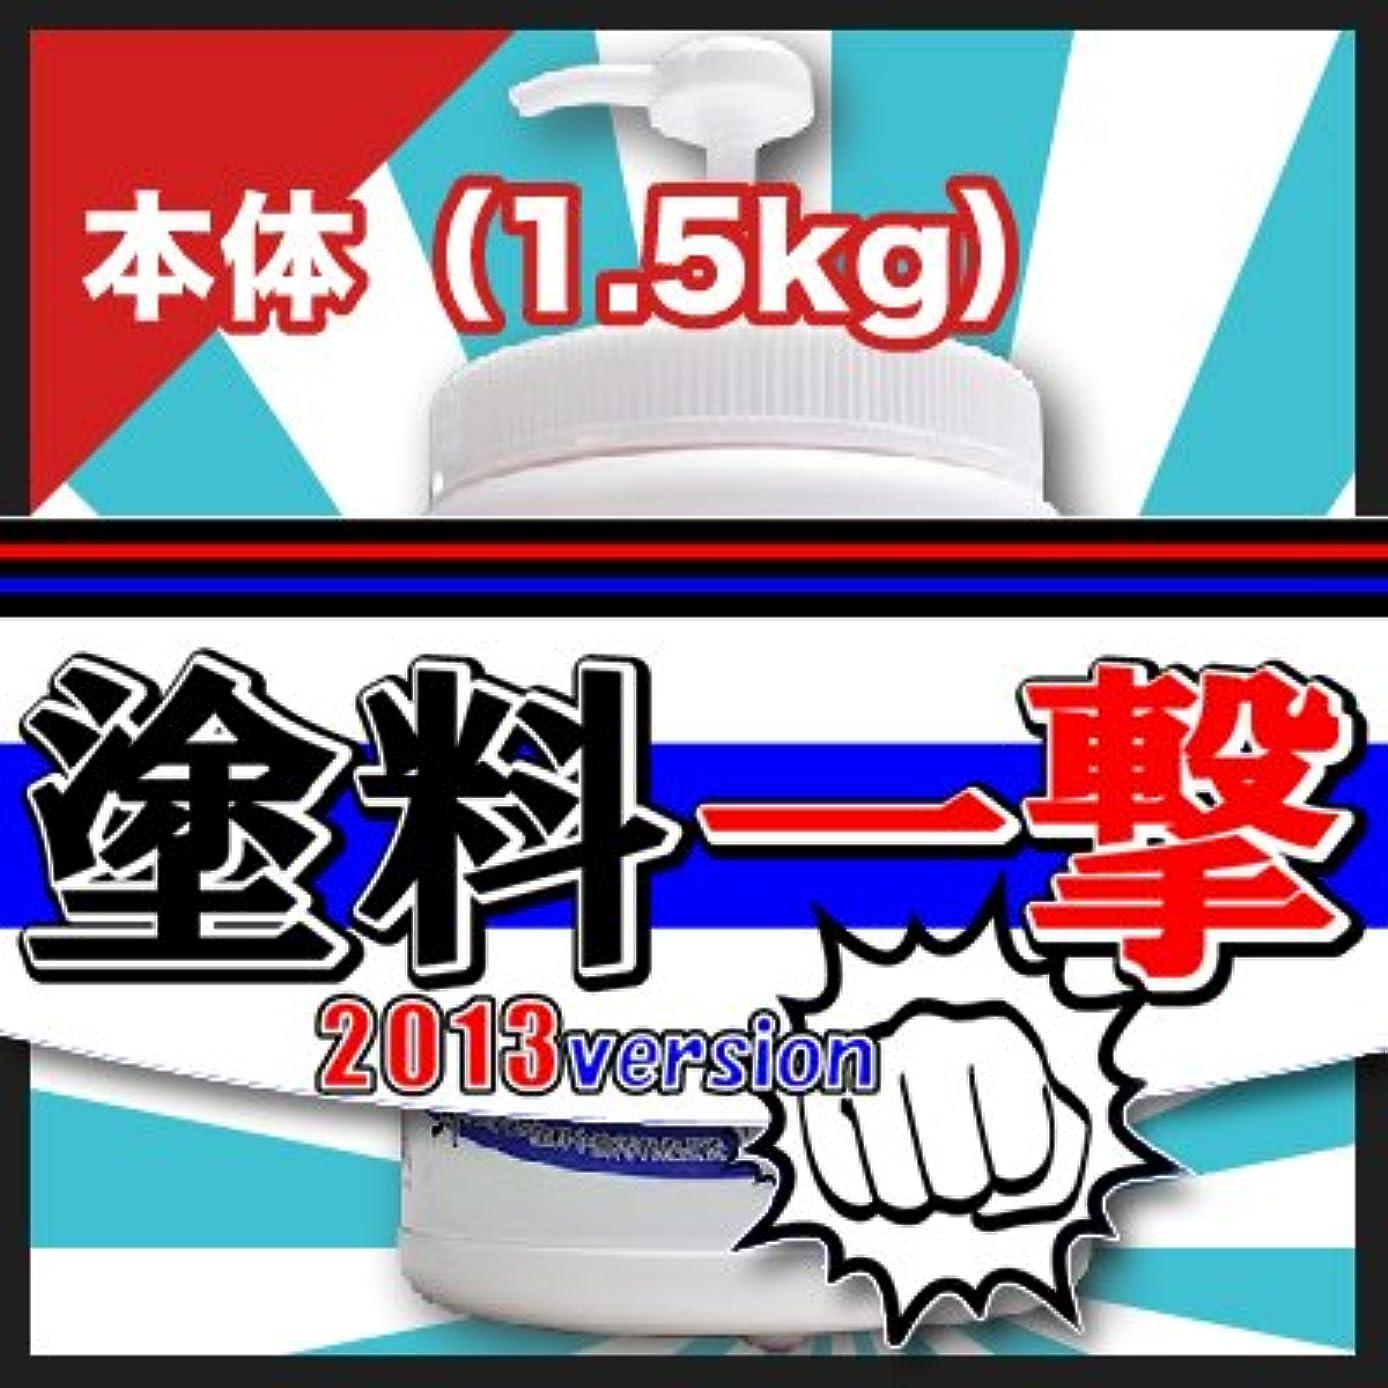 大気繊細虐待D.Iプランニング 塗料一撃 2013 Version 本体 (1.5kg)